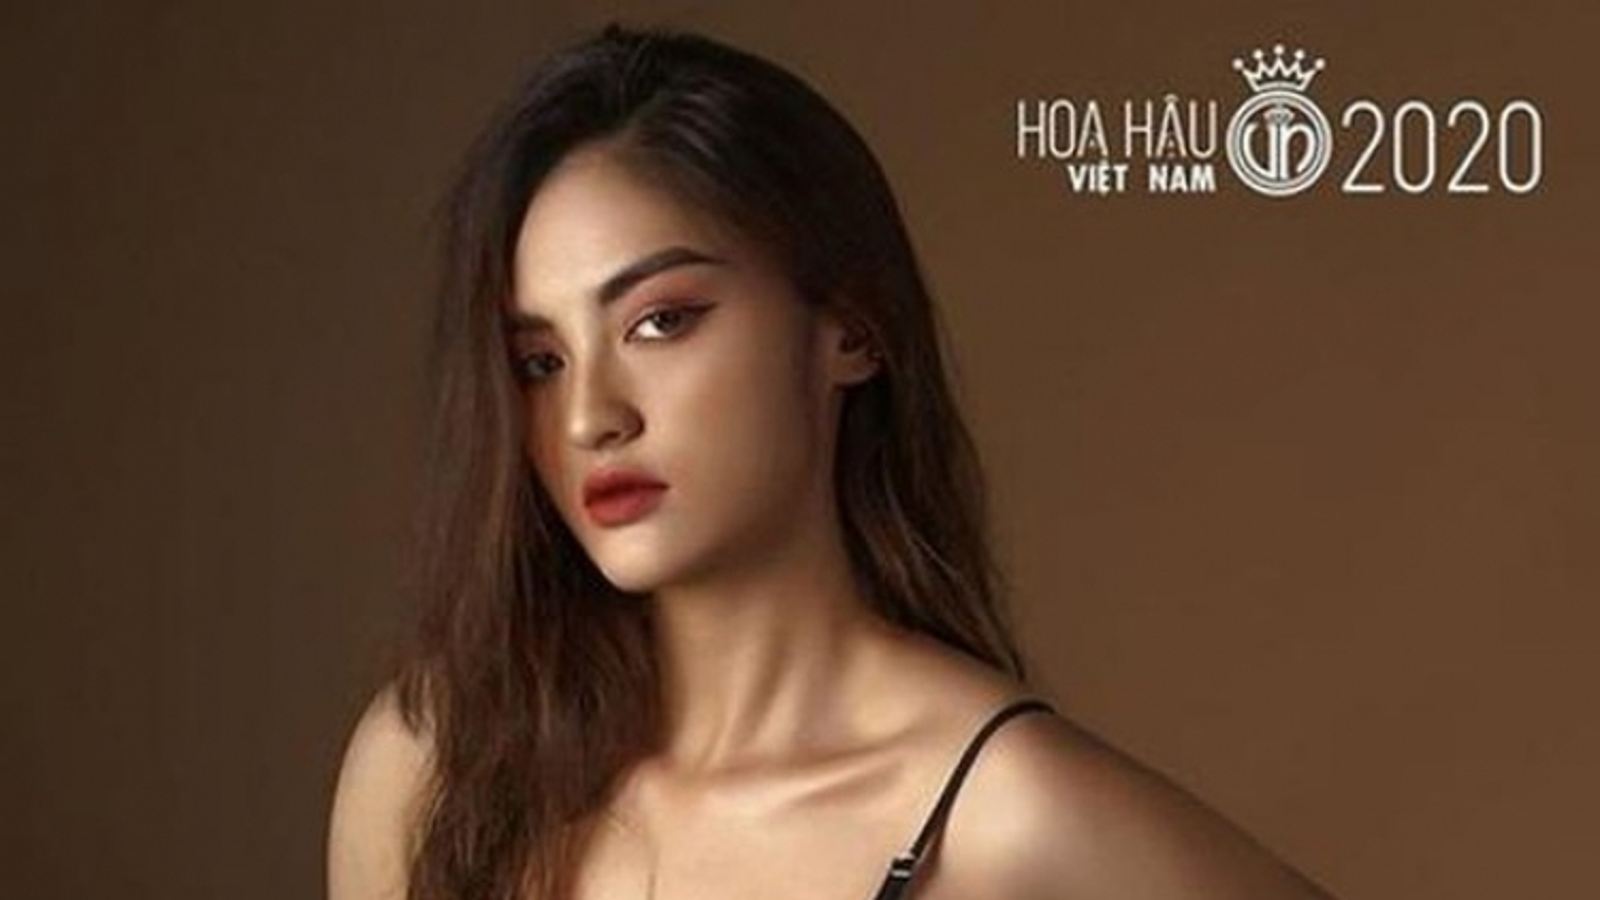 Dàn thí sinh Hoa hậu Việt Nam 2020 khoe vẻ nóng bỏng cùng bikini